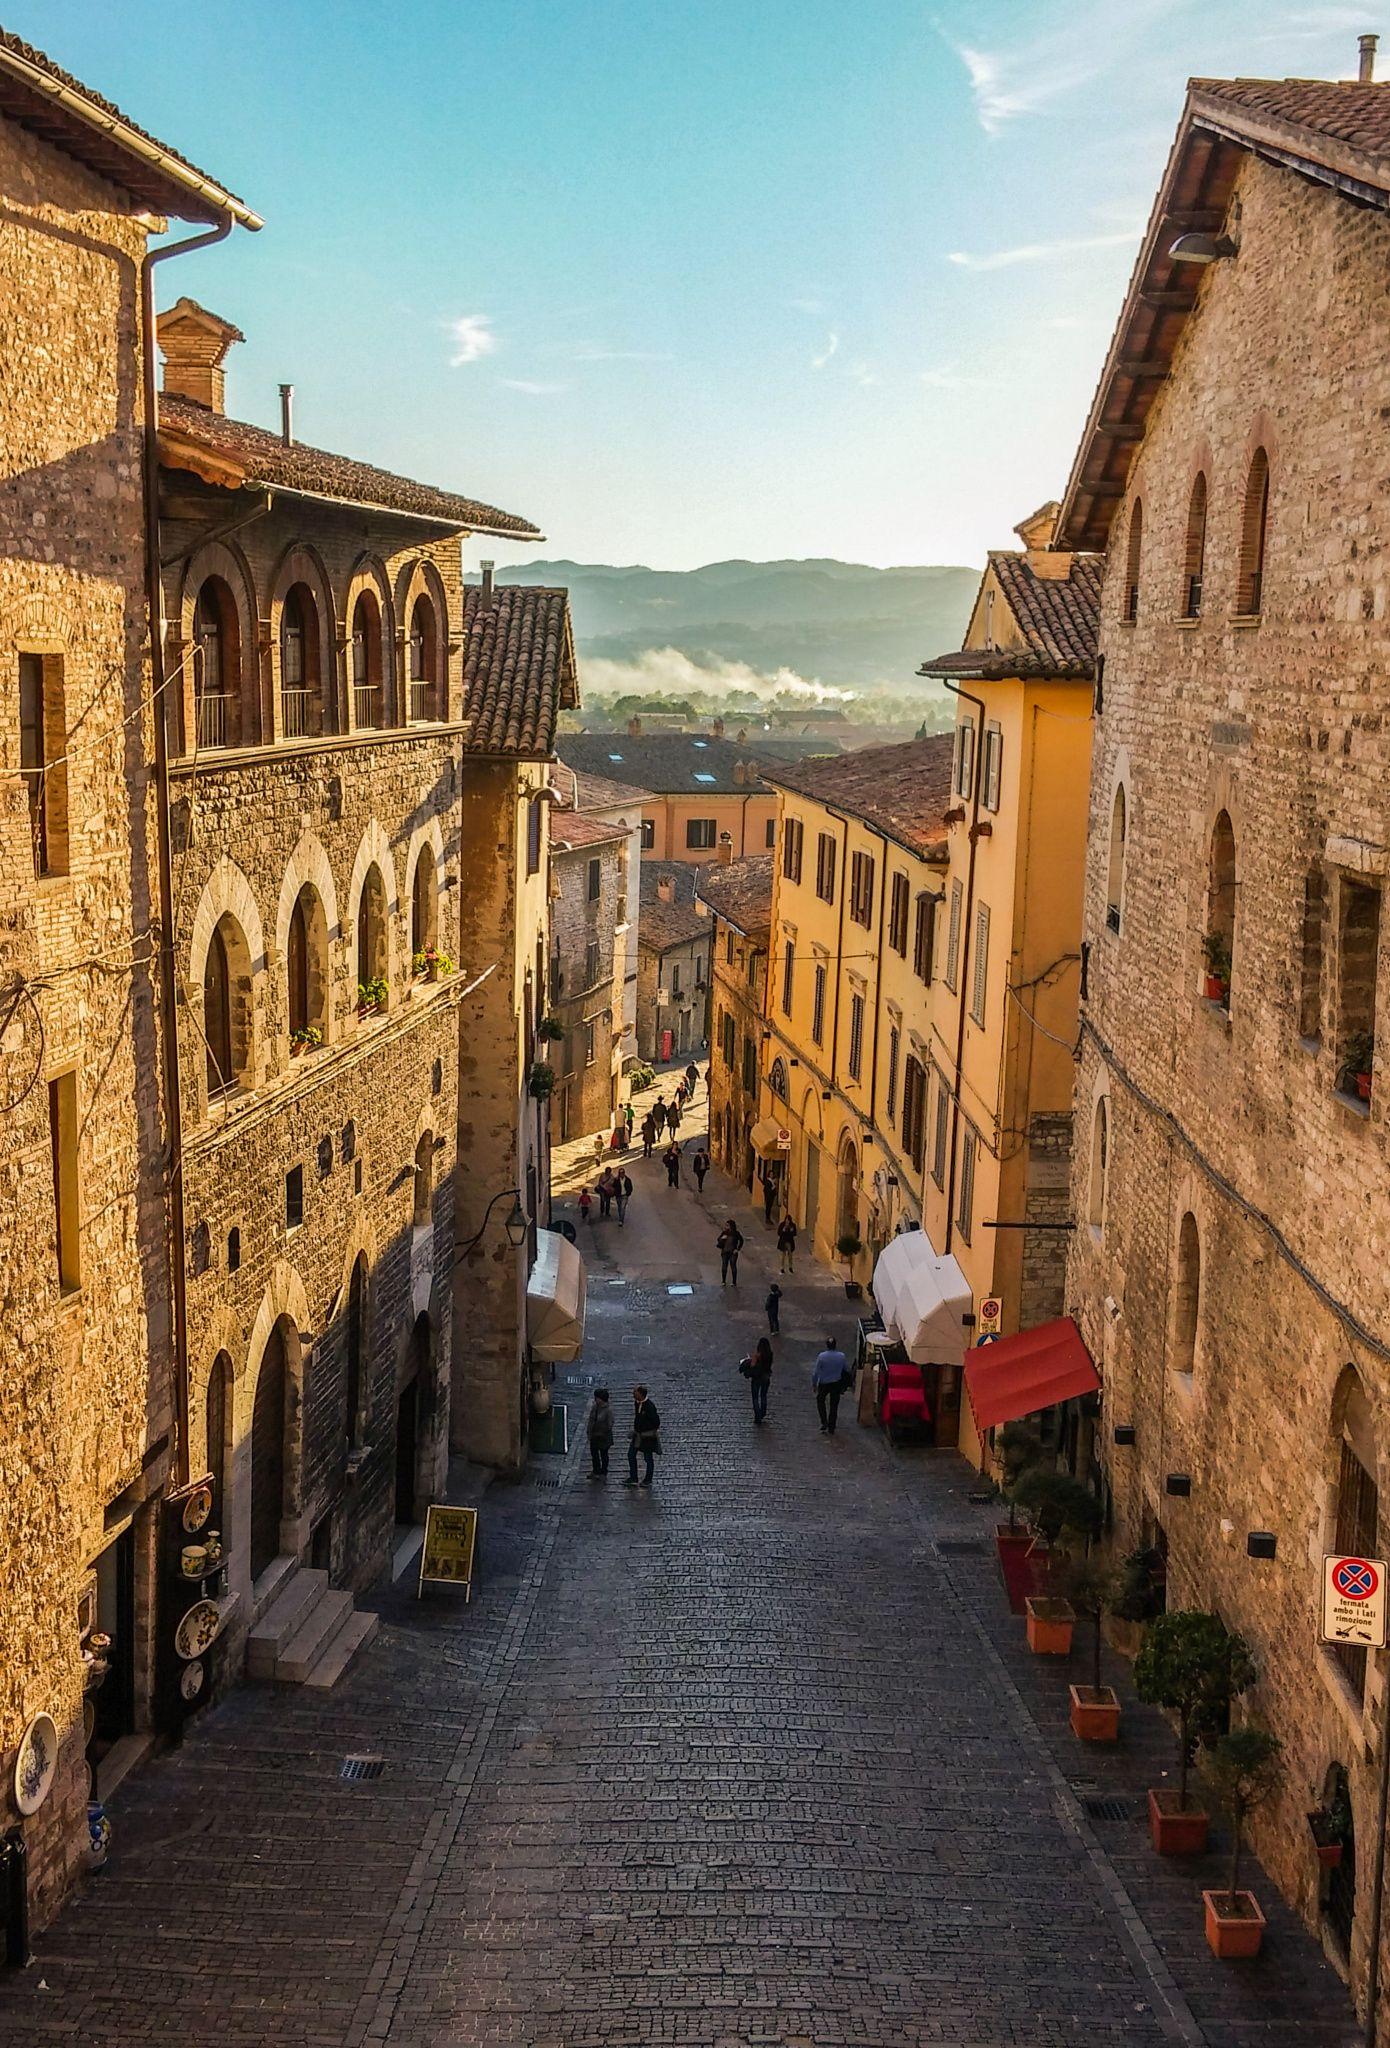 Gubbio, Province of Perugia, Umbria Region_ Italy   ItaƖყ ...